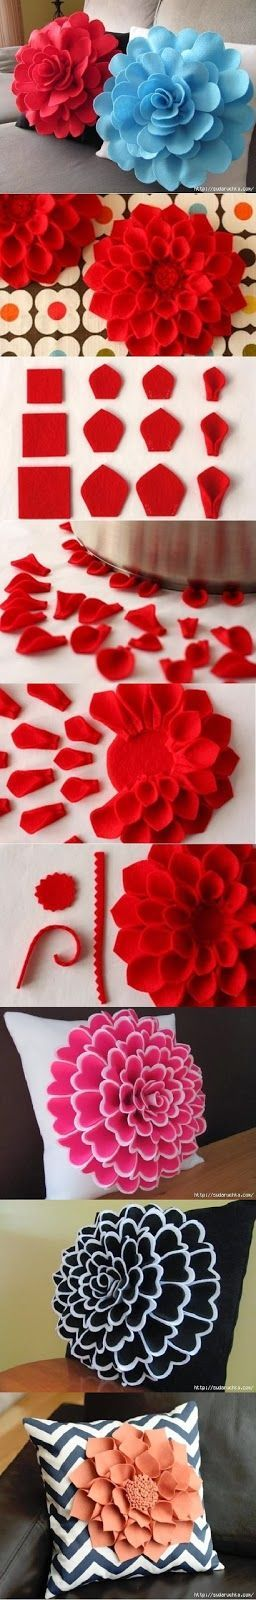 Easy DIY Crafts: DIY Decorative Felt Flower Pillow: